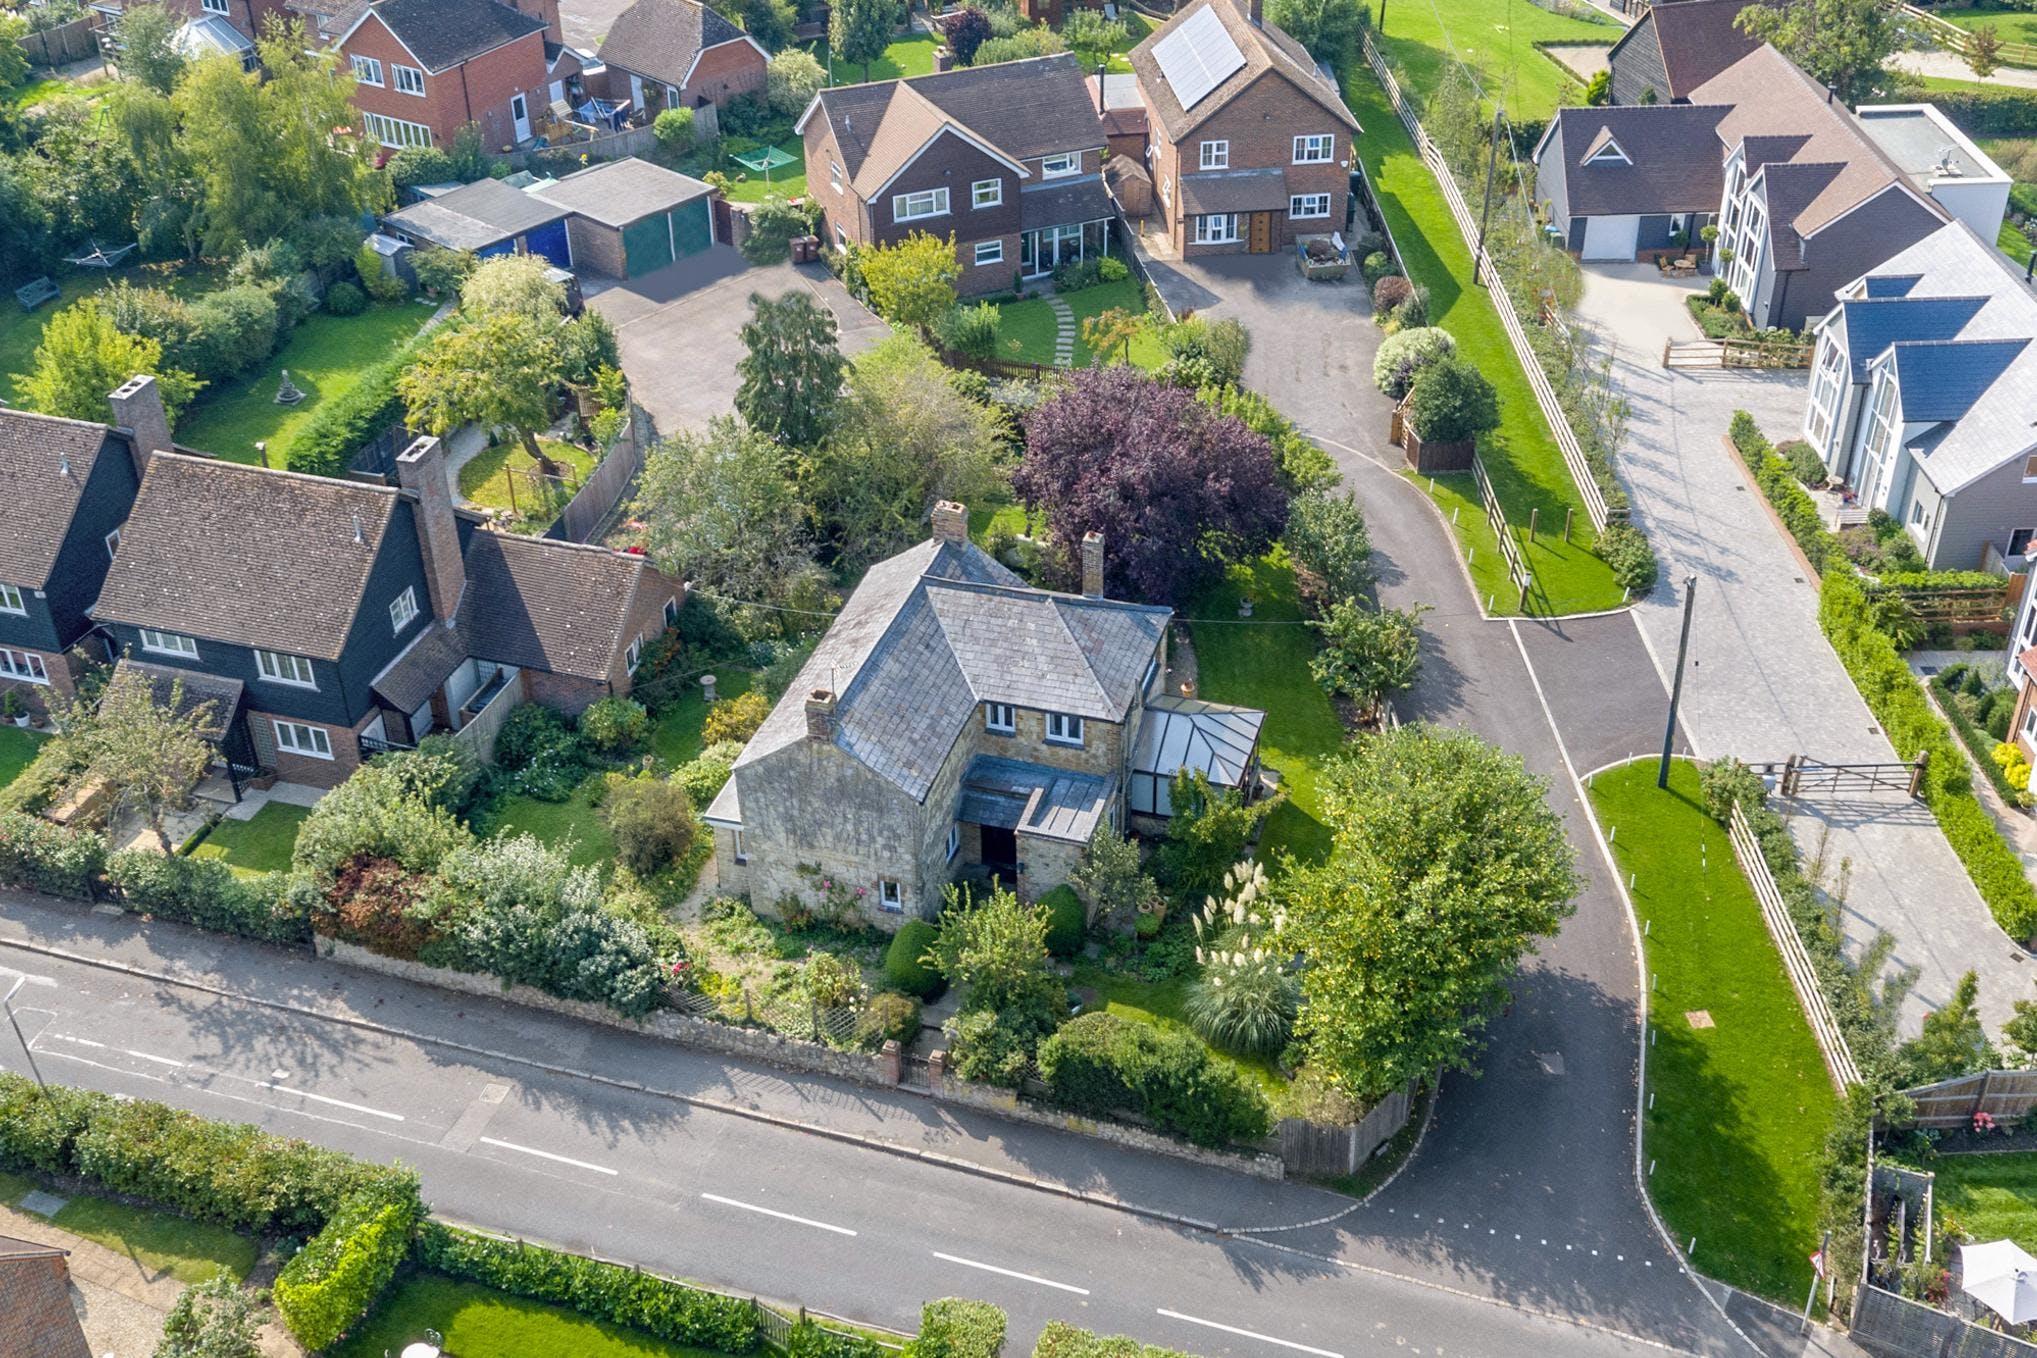 Vine Cottage The Vines, Shabbington, Residential For Sale - AERIAL.jpg